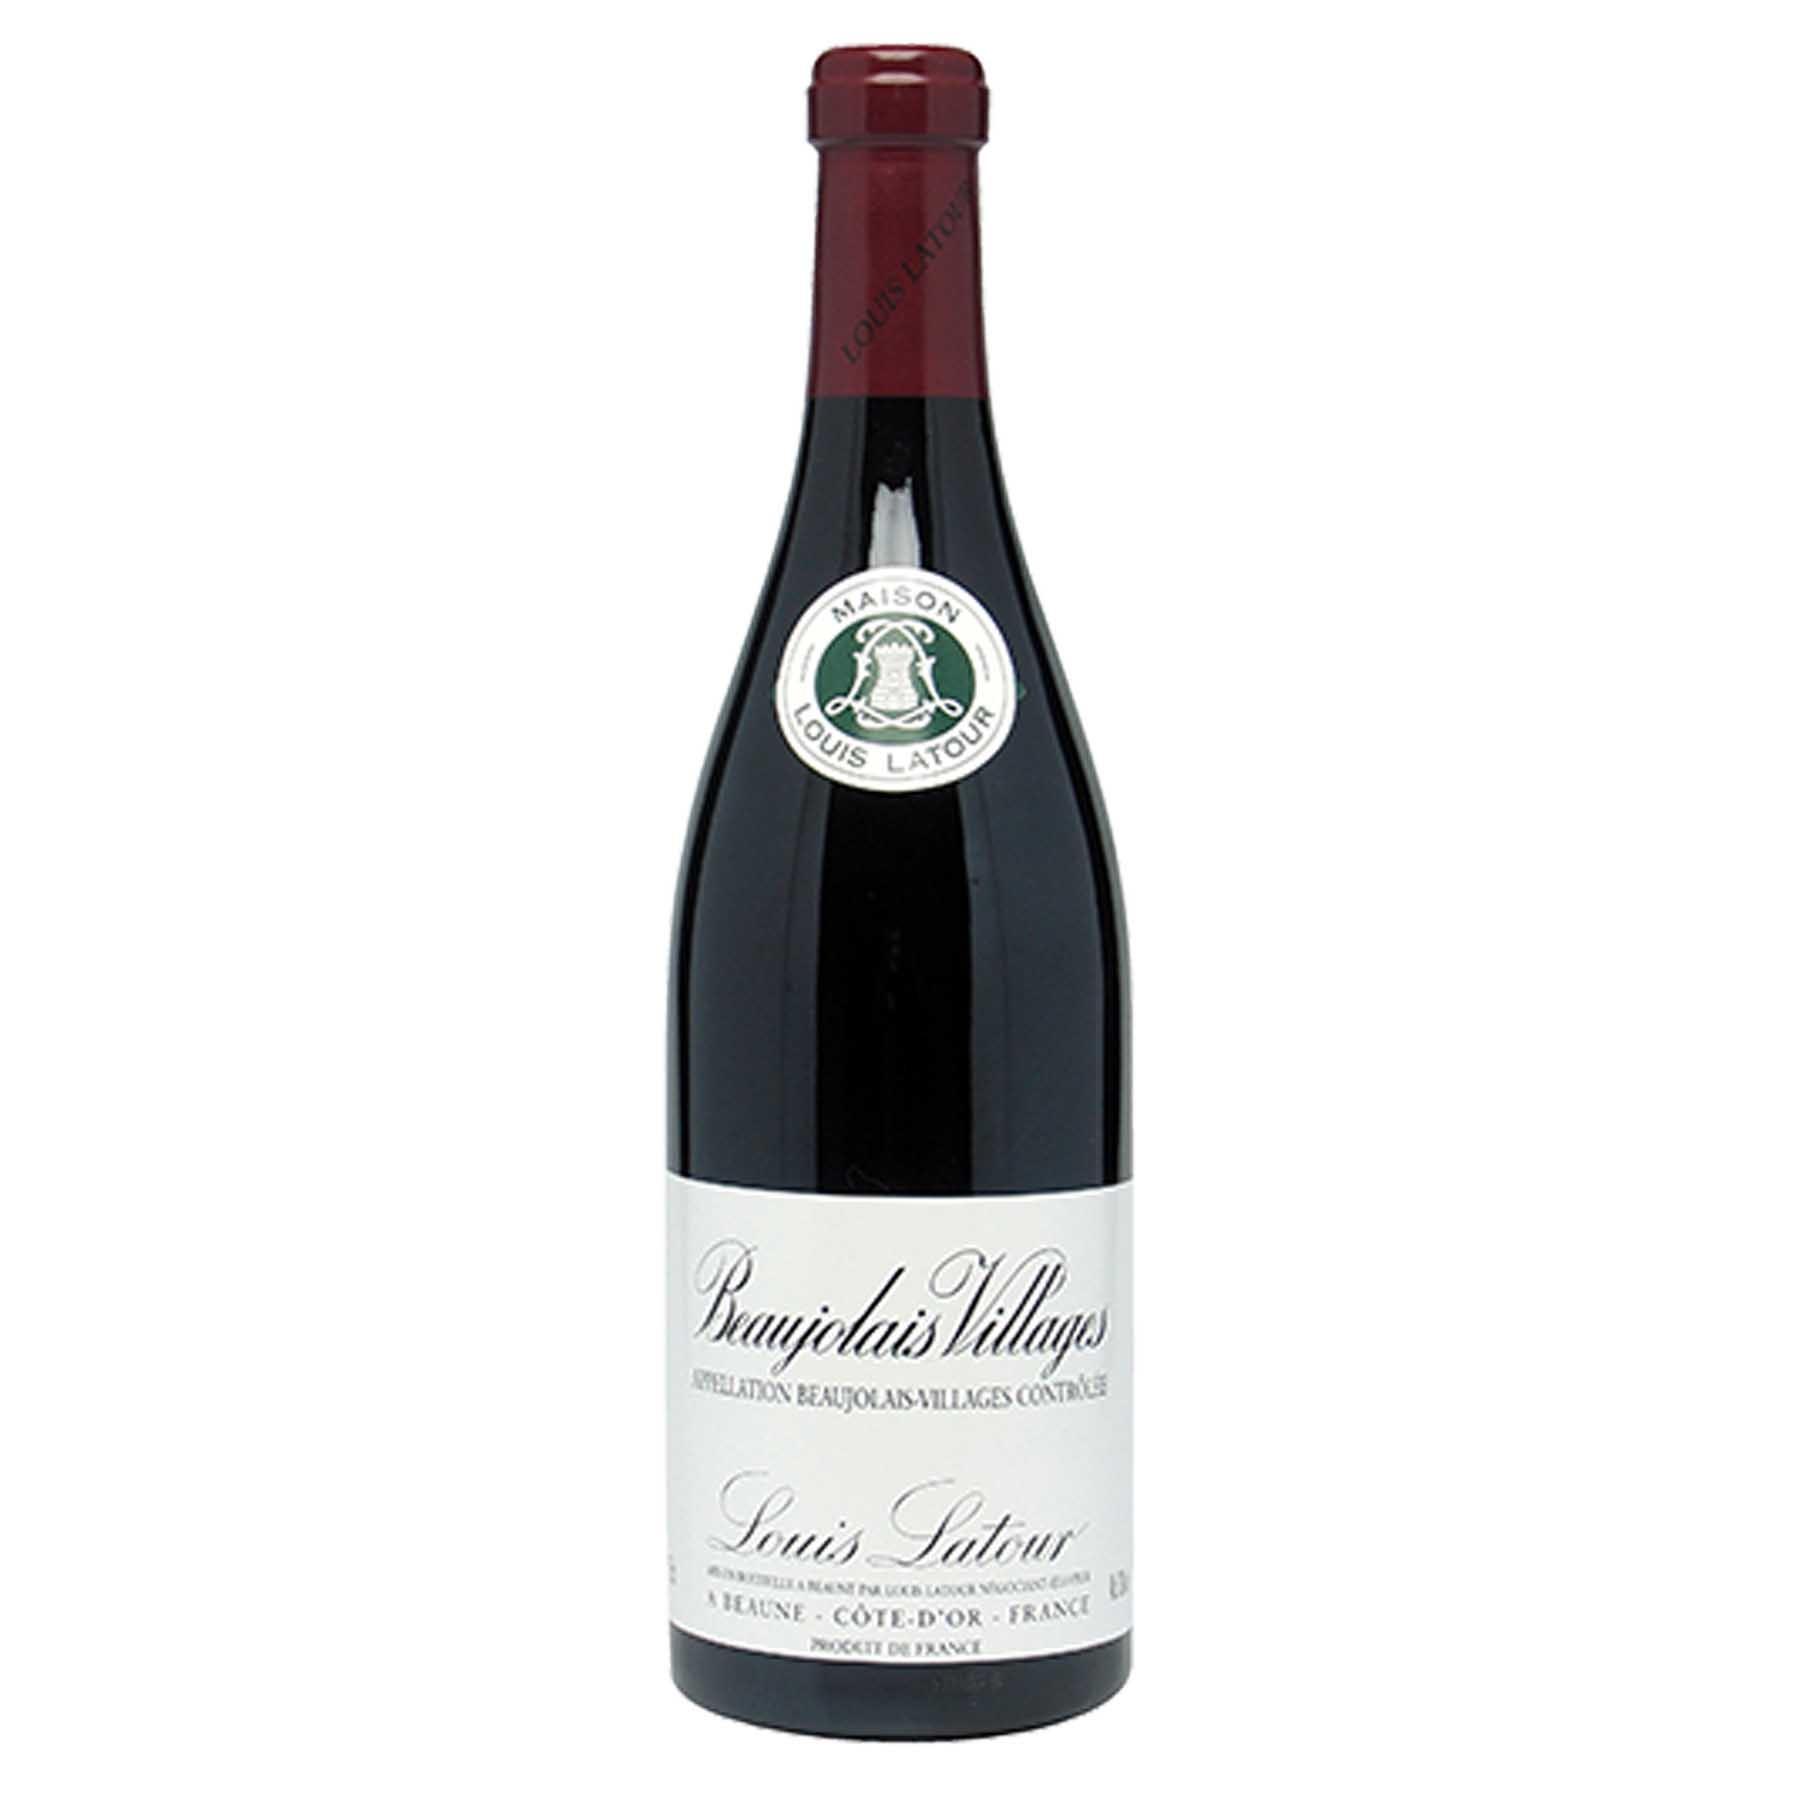 Vinho Tinto Francês Louis-Latour Beaujolais Villages 2013